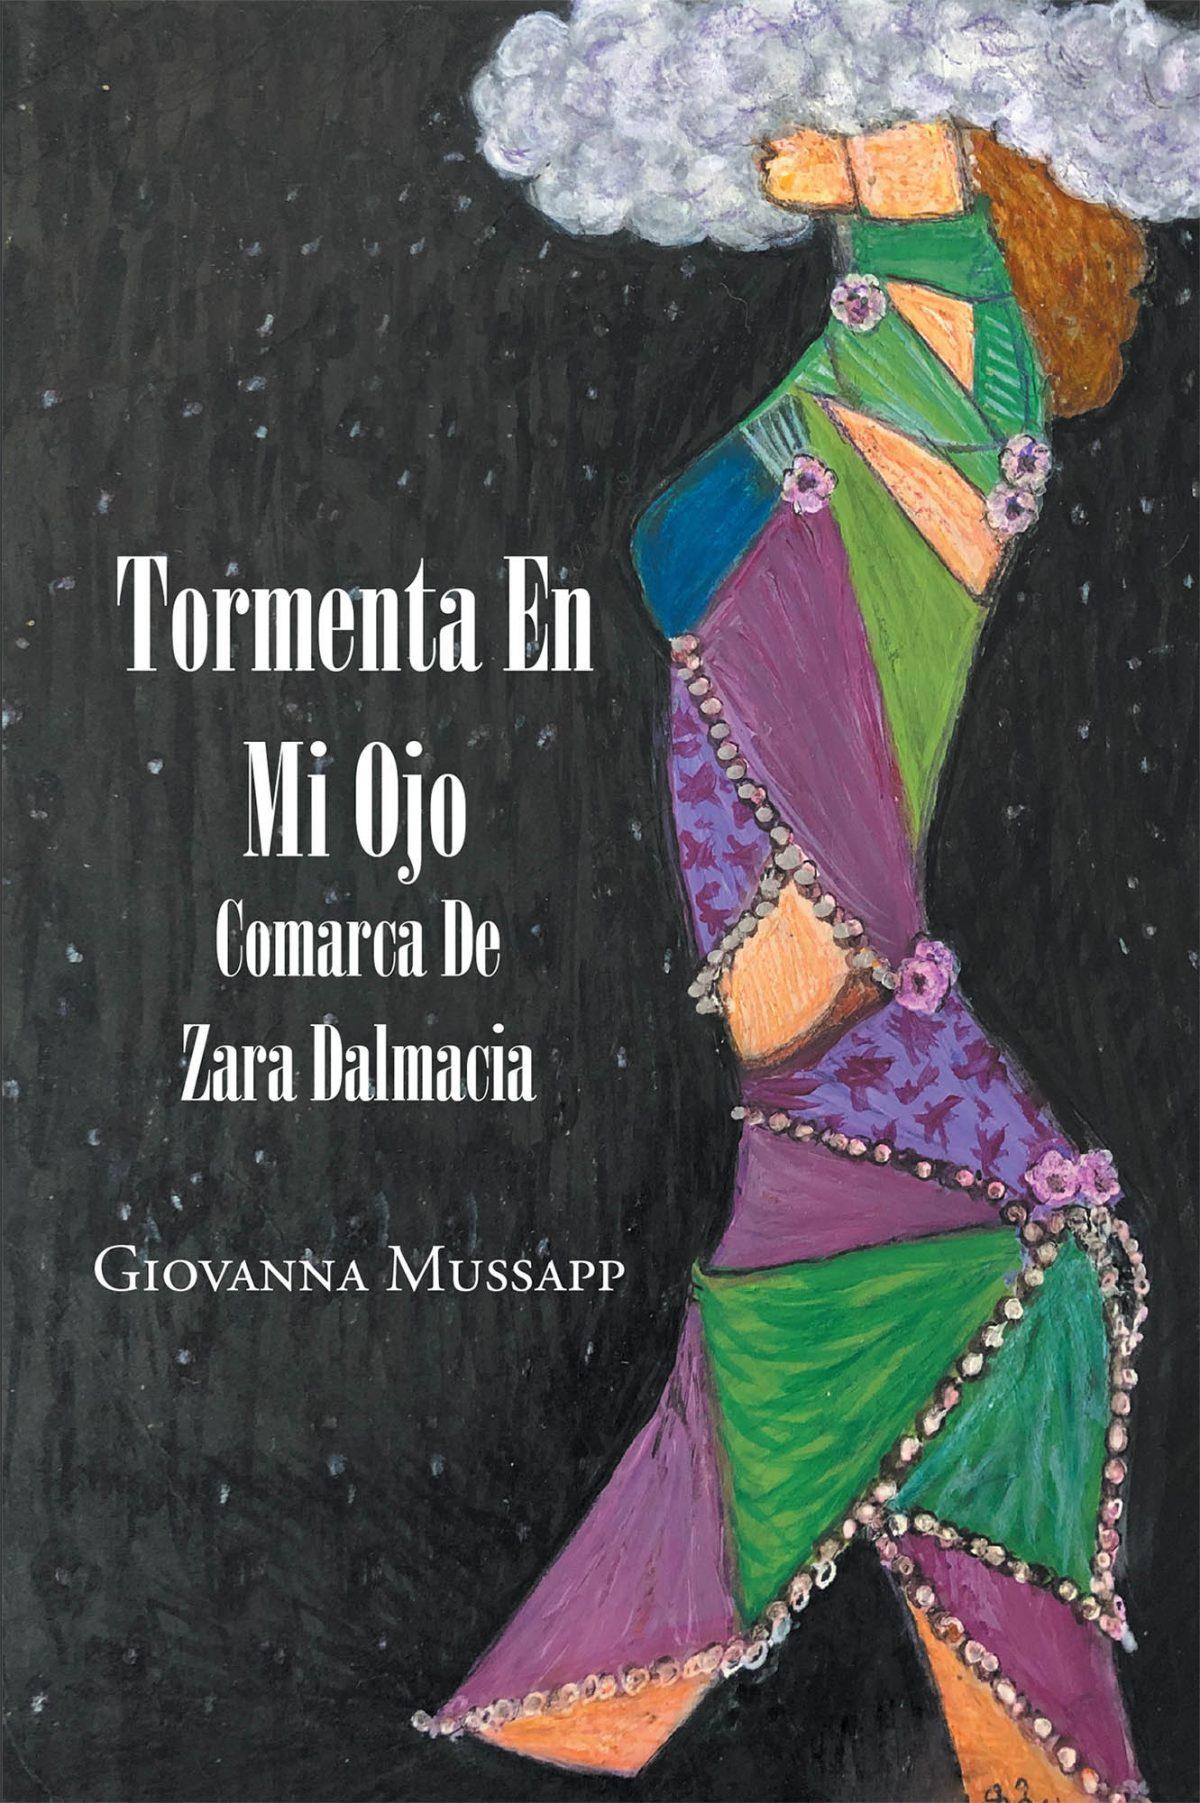 El nuevo libro de Giovanna Mussapp, Tormenta En Mi Ojo, Comarca De Zara Dalmacia, es la increíble historia de una familia, víctima del síndrome post traumático de la Guerra.